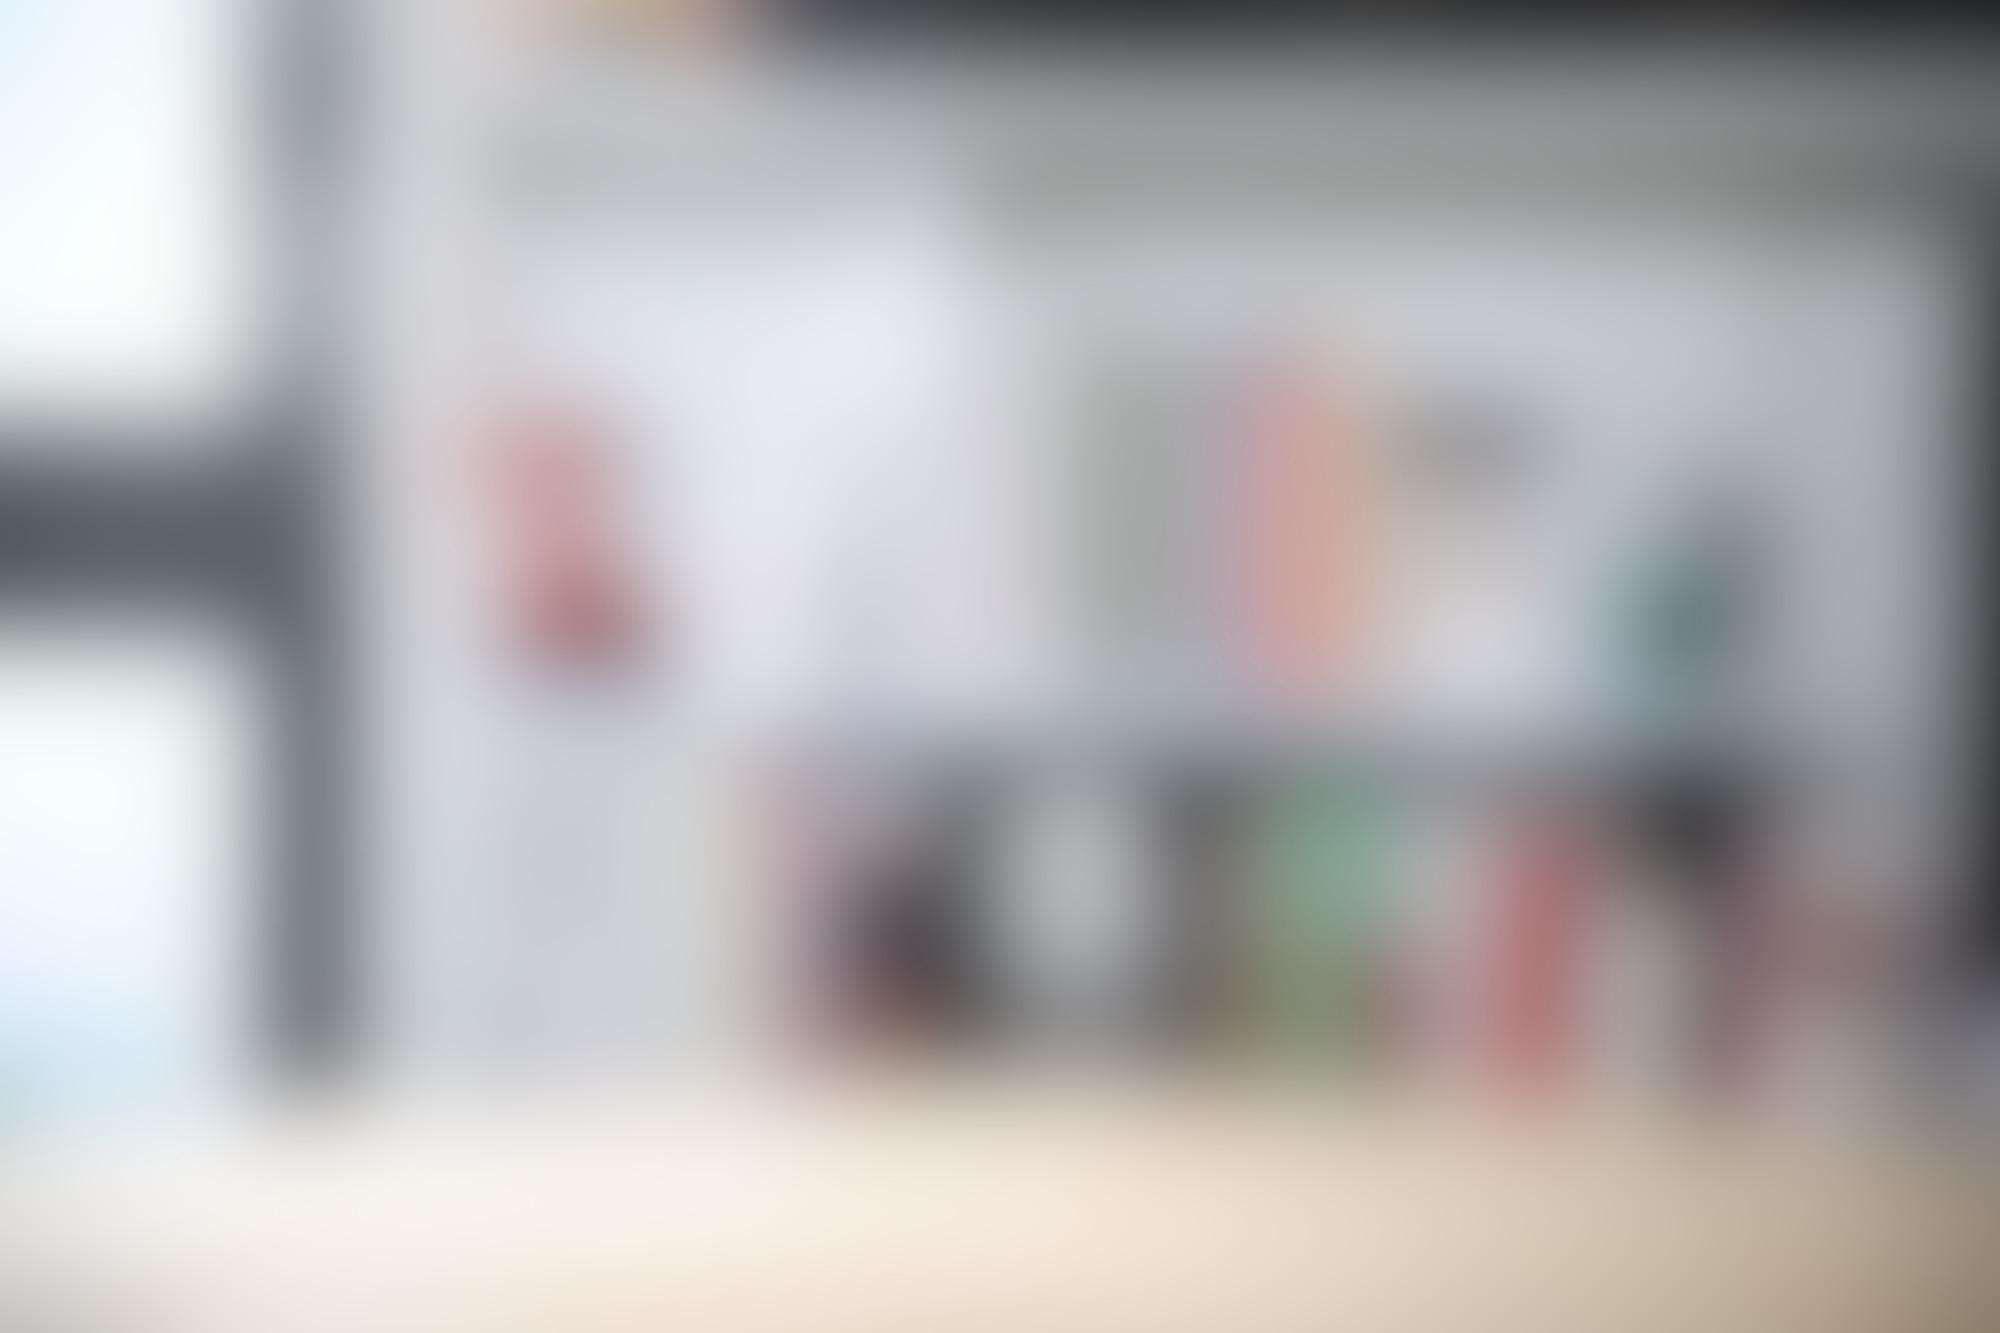 Studio interior Ryan Gander 2015 2 autocompressfitresizeixlibphp 1 1 0max h2000max w3 D2000q80s6f6b29881596355a27087b17c0550b32